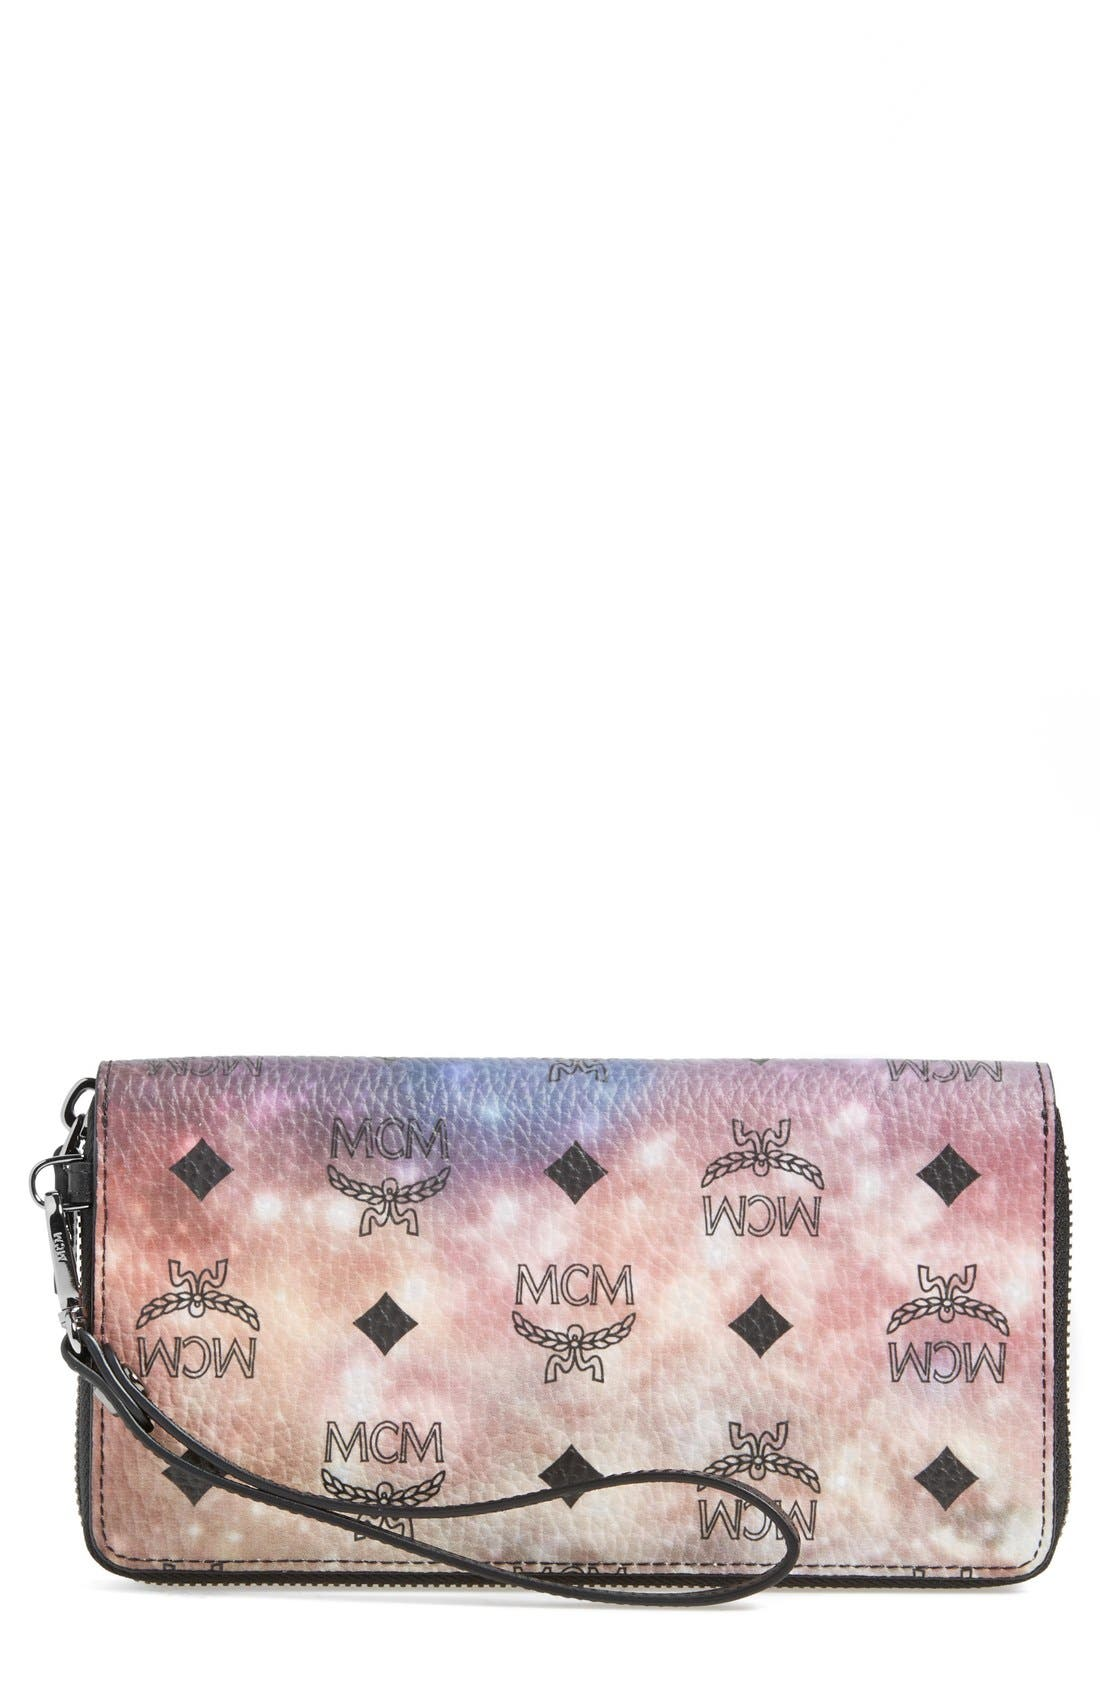 Alternate Image 1 Selected - MCM 'Large Galaxy Series' Zip Wallet